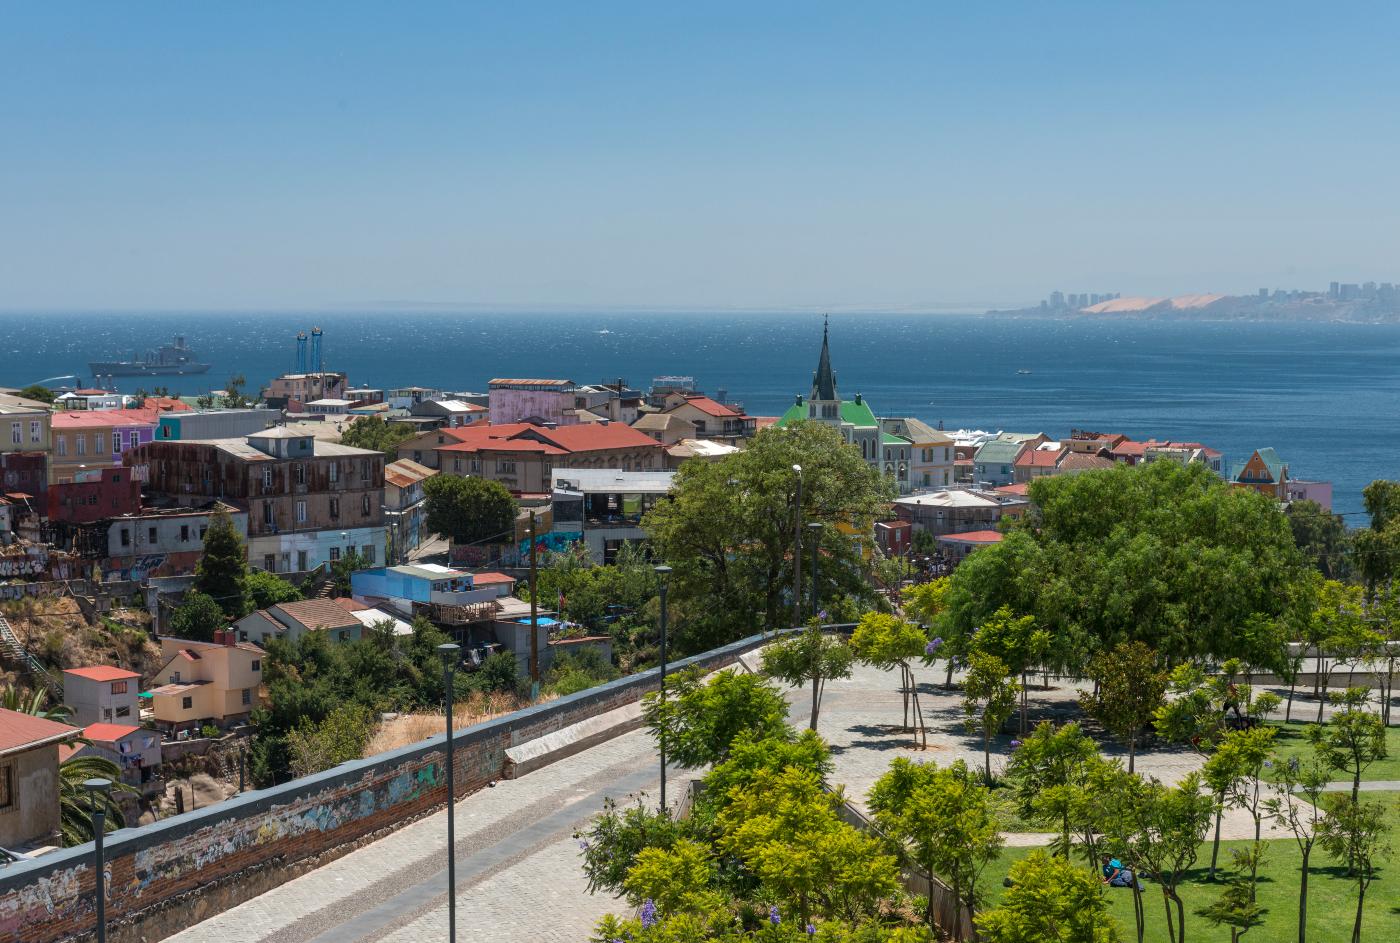 Imagen de Valparaiso